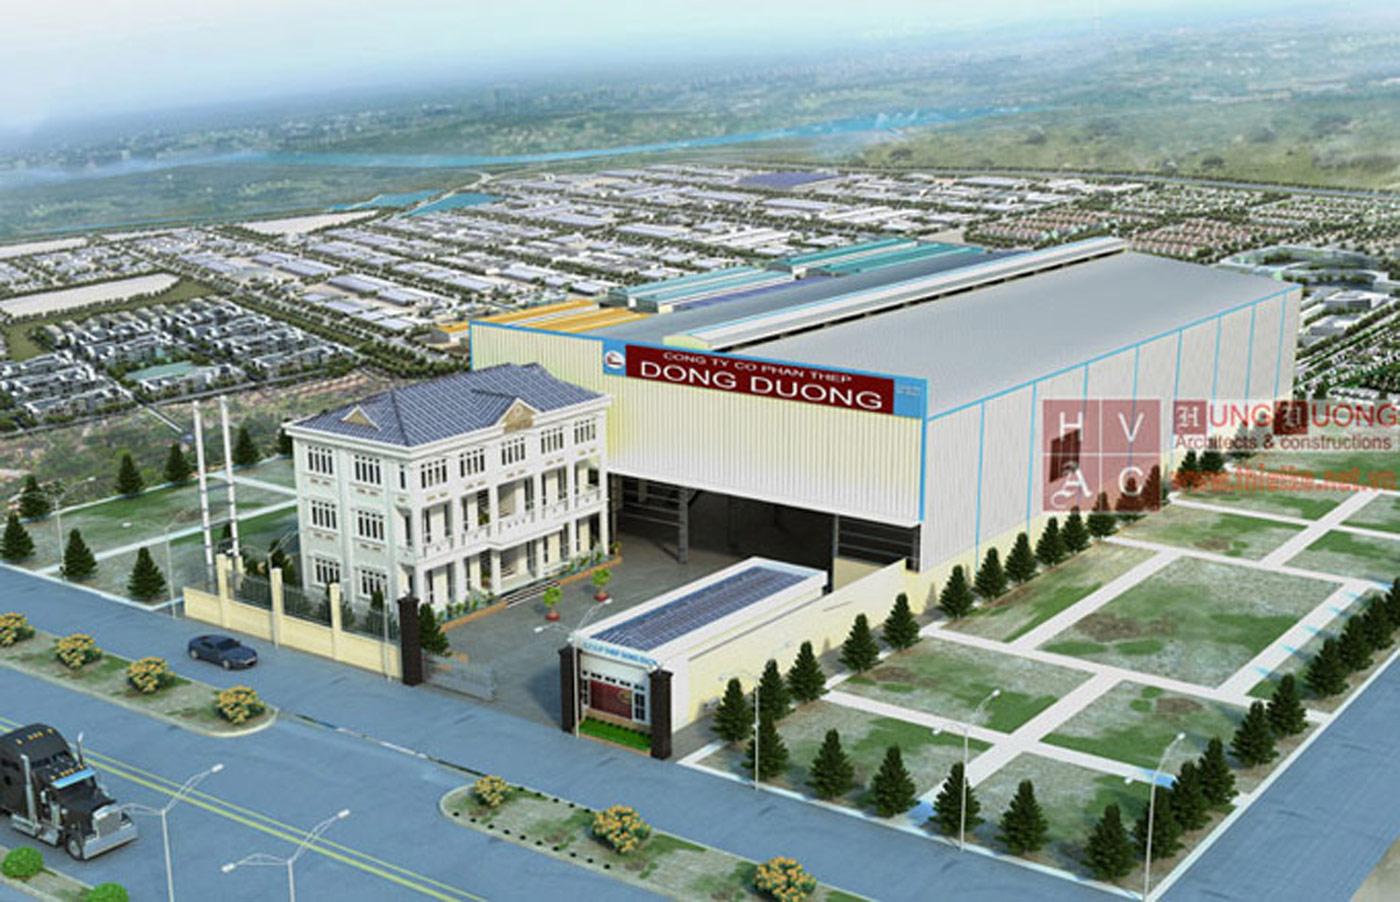 Lập dự án đầu tư, thiết kế thi công Nhà máy thép Đông Dương